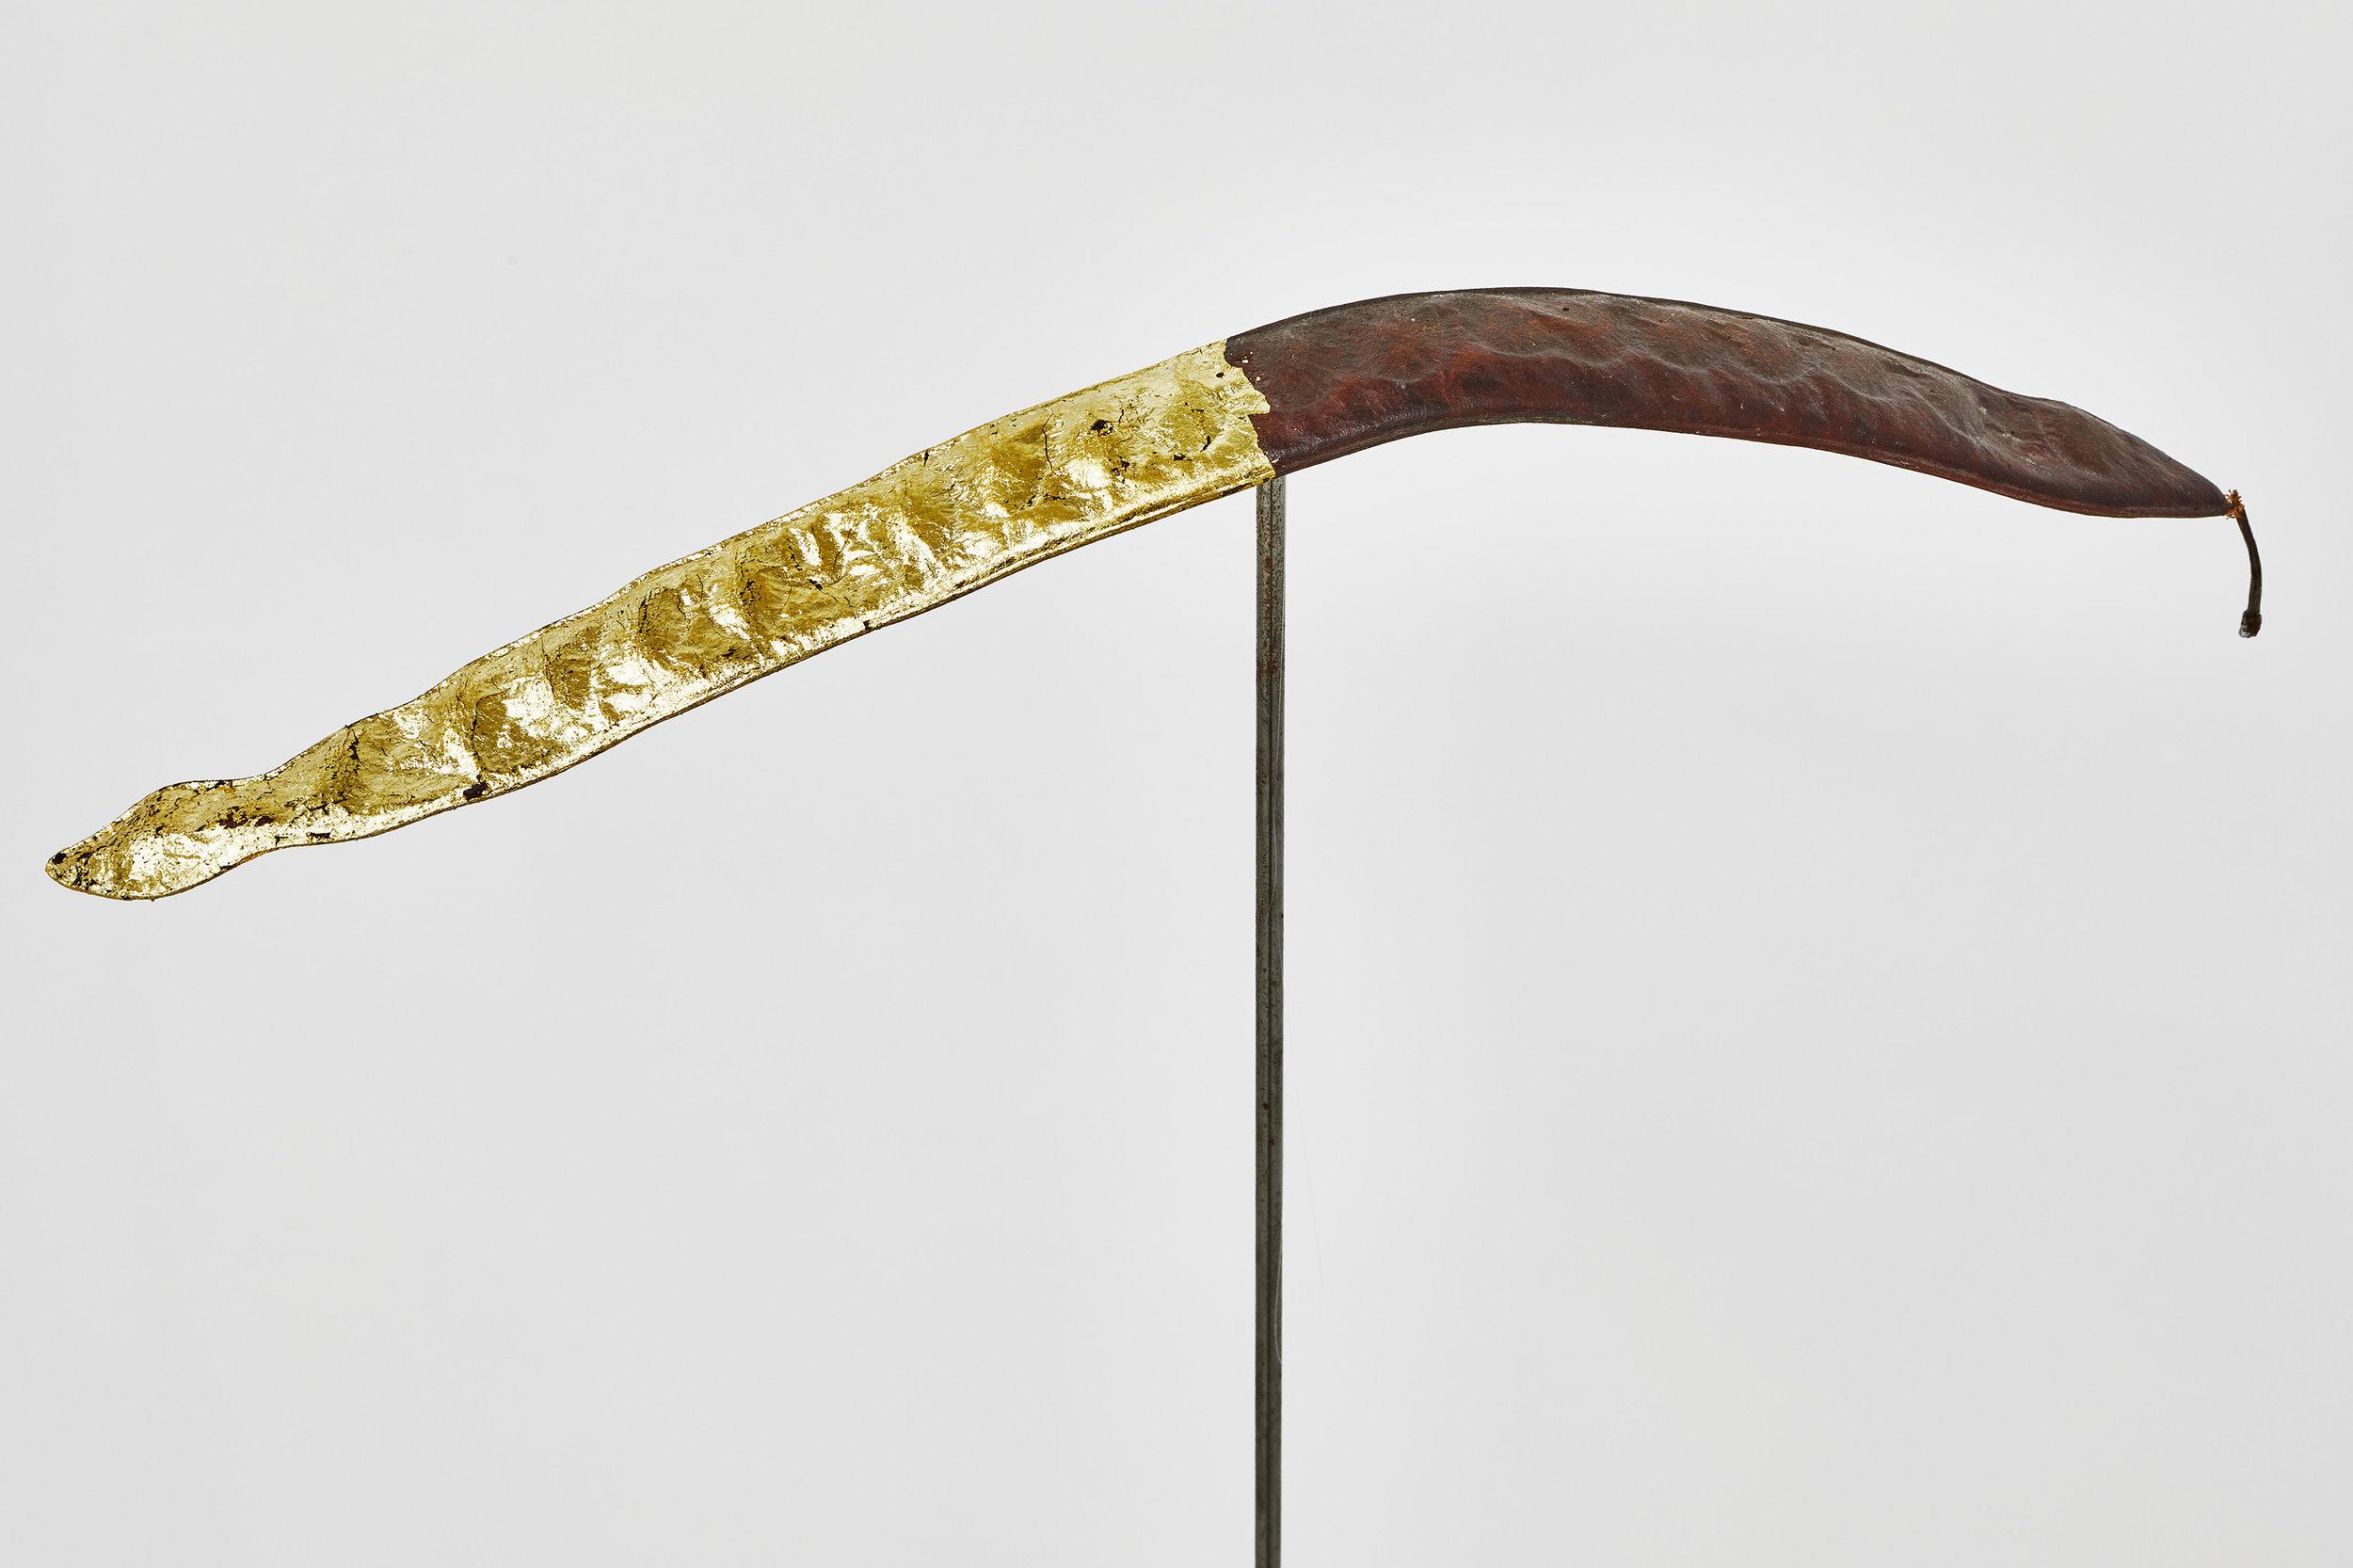 Caroube,  2019, detail view. Graine de caroubier, acier, zinc